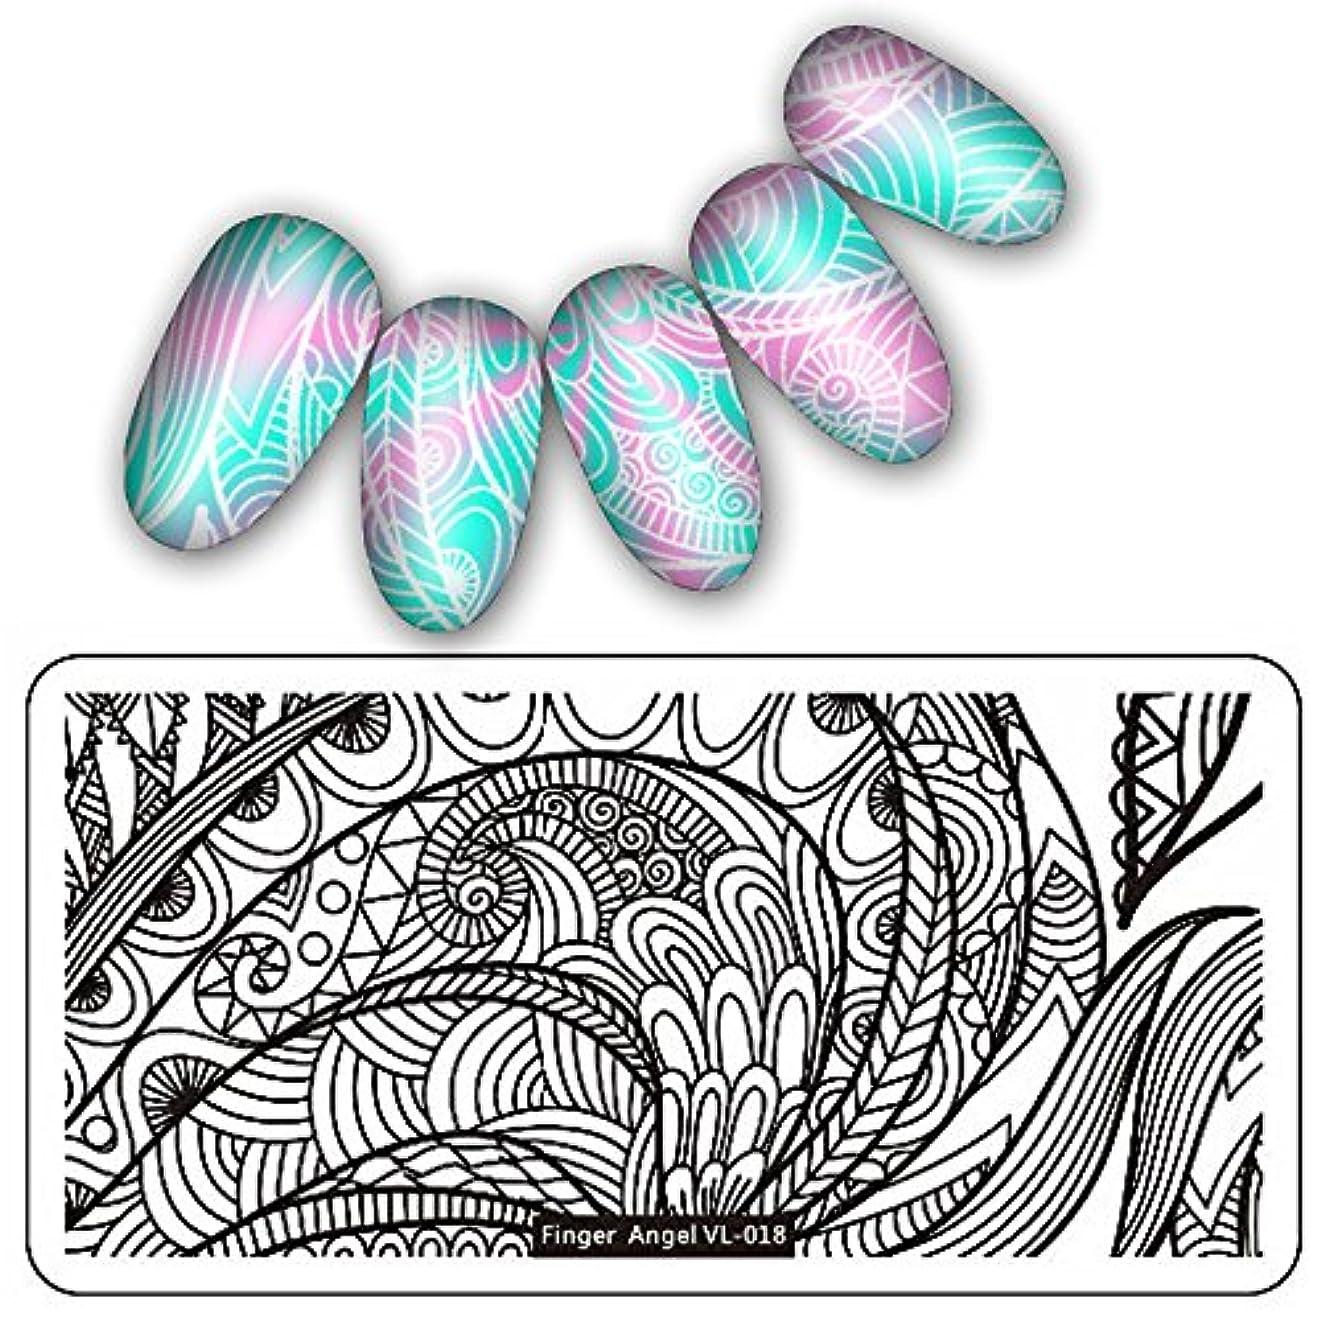 カウボーイ視線コメント[ルテンズ] スタンピングプレートセット 花柄 ネイルプレート ネイルアートツール ネイルプレート ネイルスタンパー ネイルスタンプ スタンプネイル ネイルデザイン用品